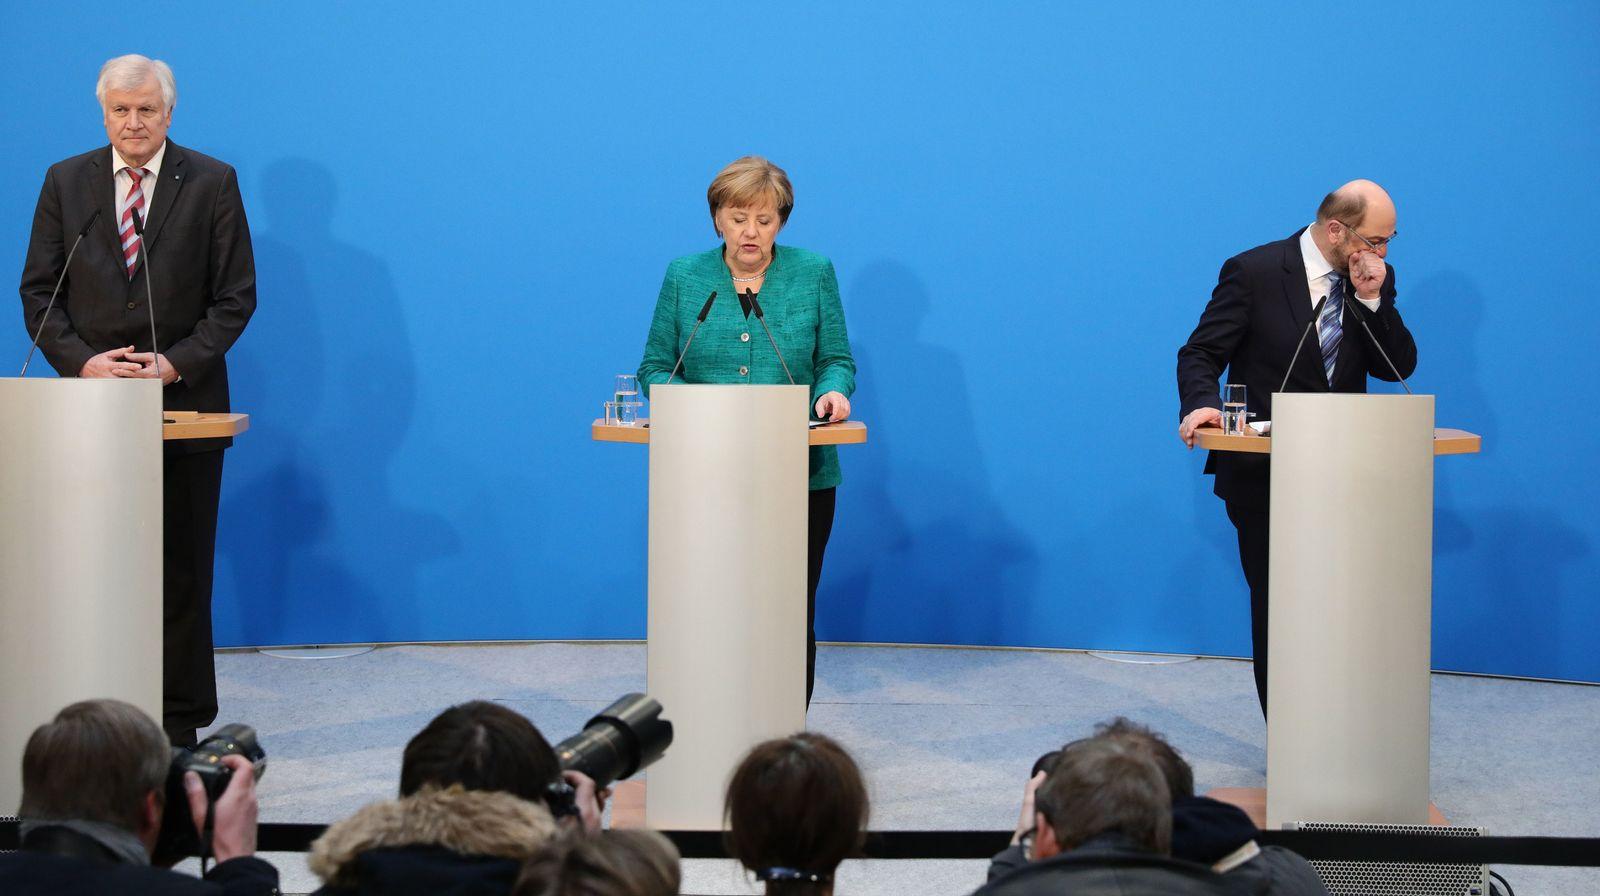 Merkel / Schulz / Seehofer